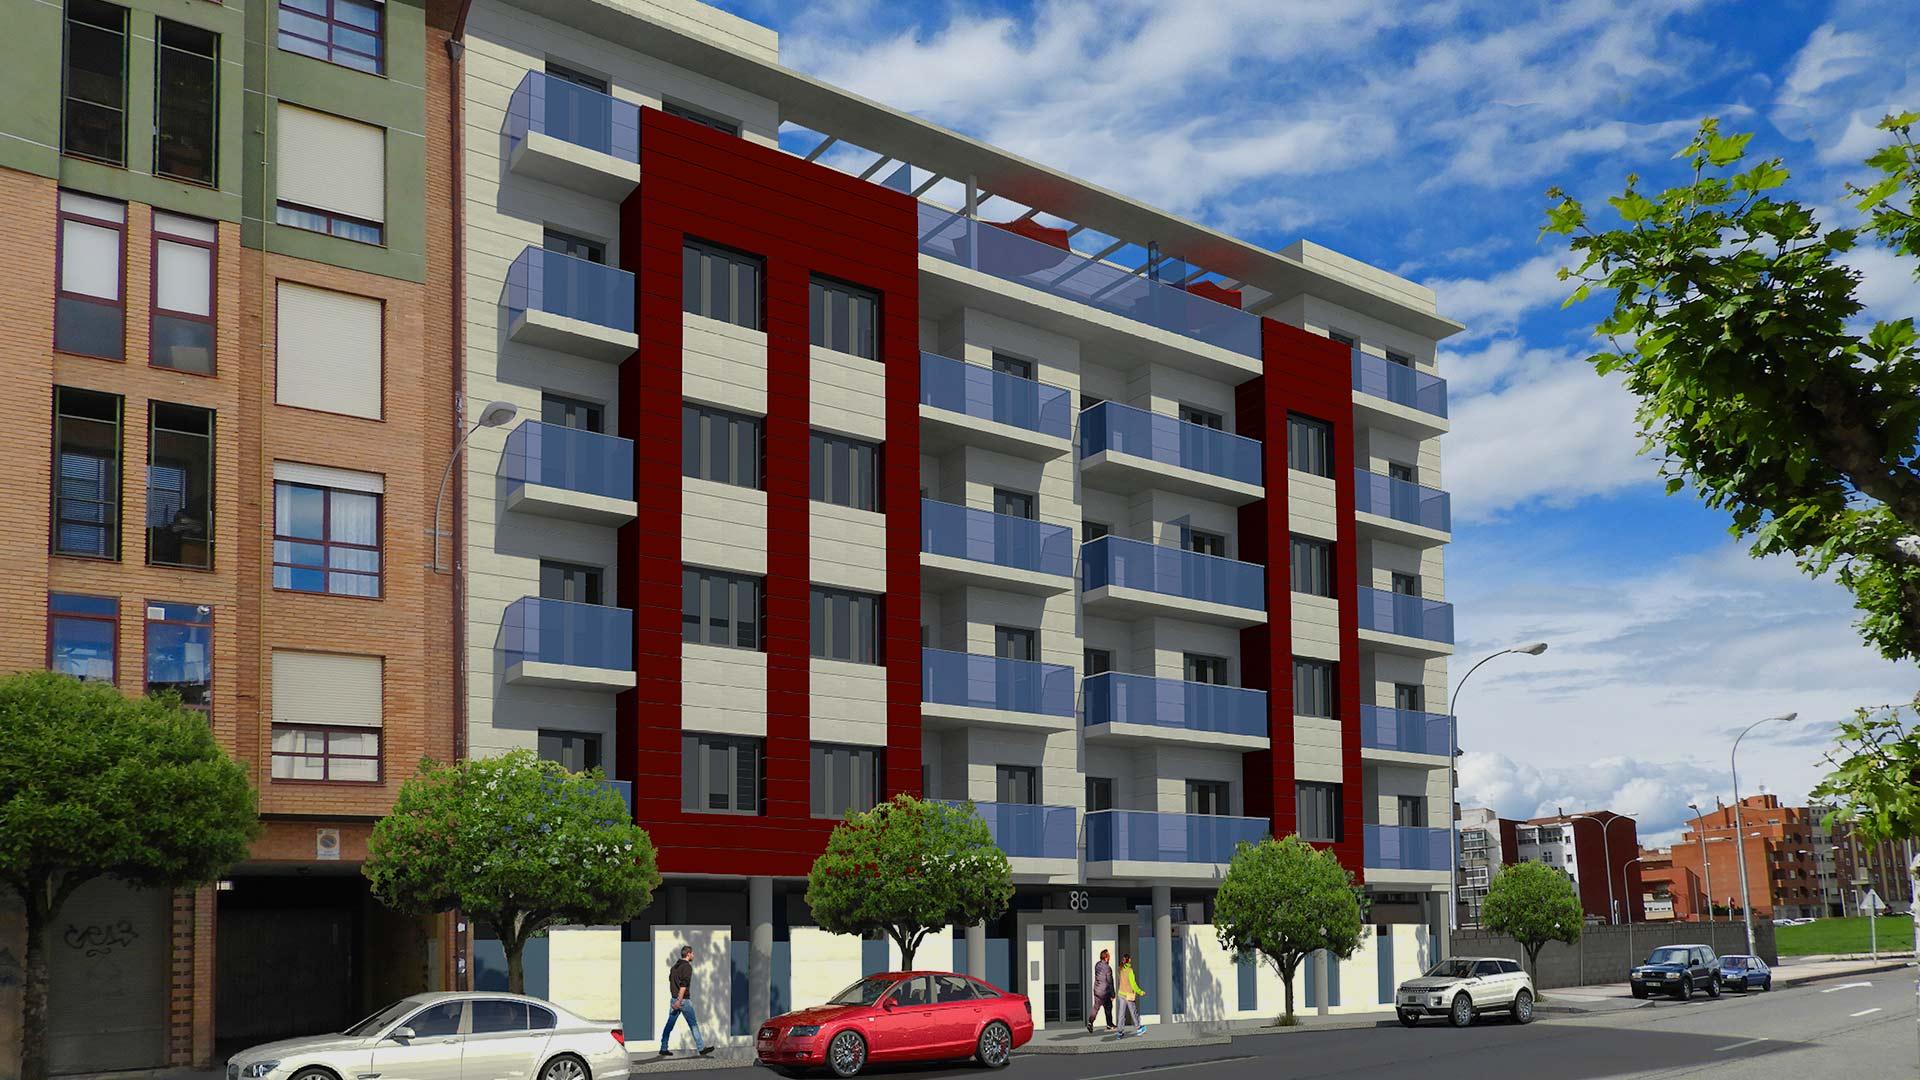 Construccion integral 19 viviendas para Proyectos Luengo Vega